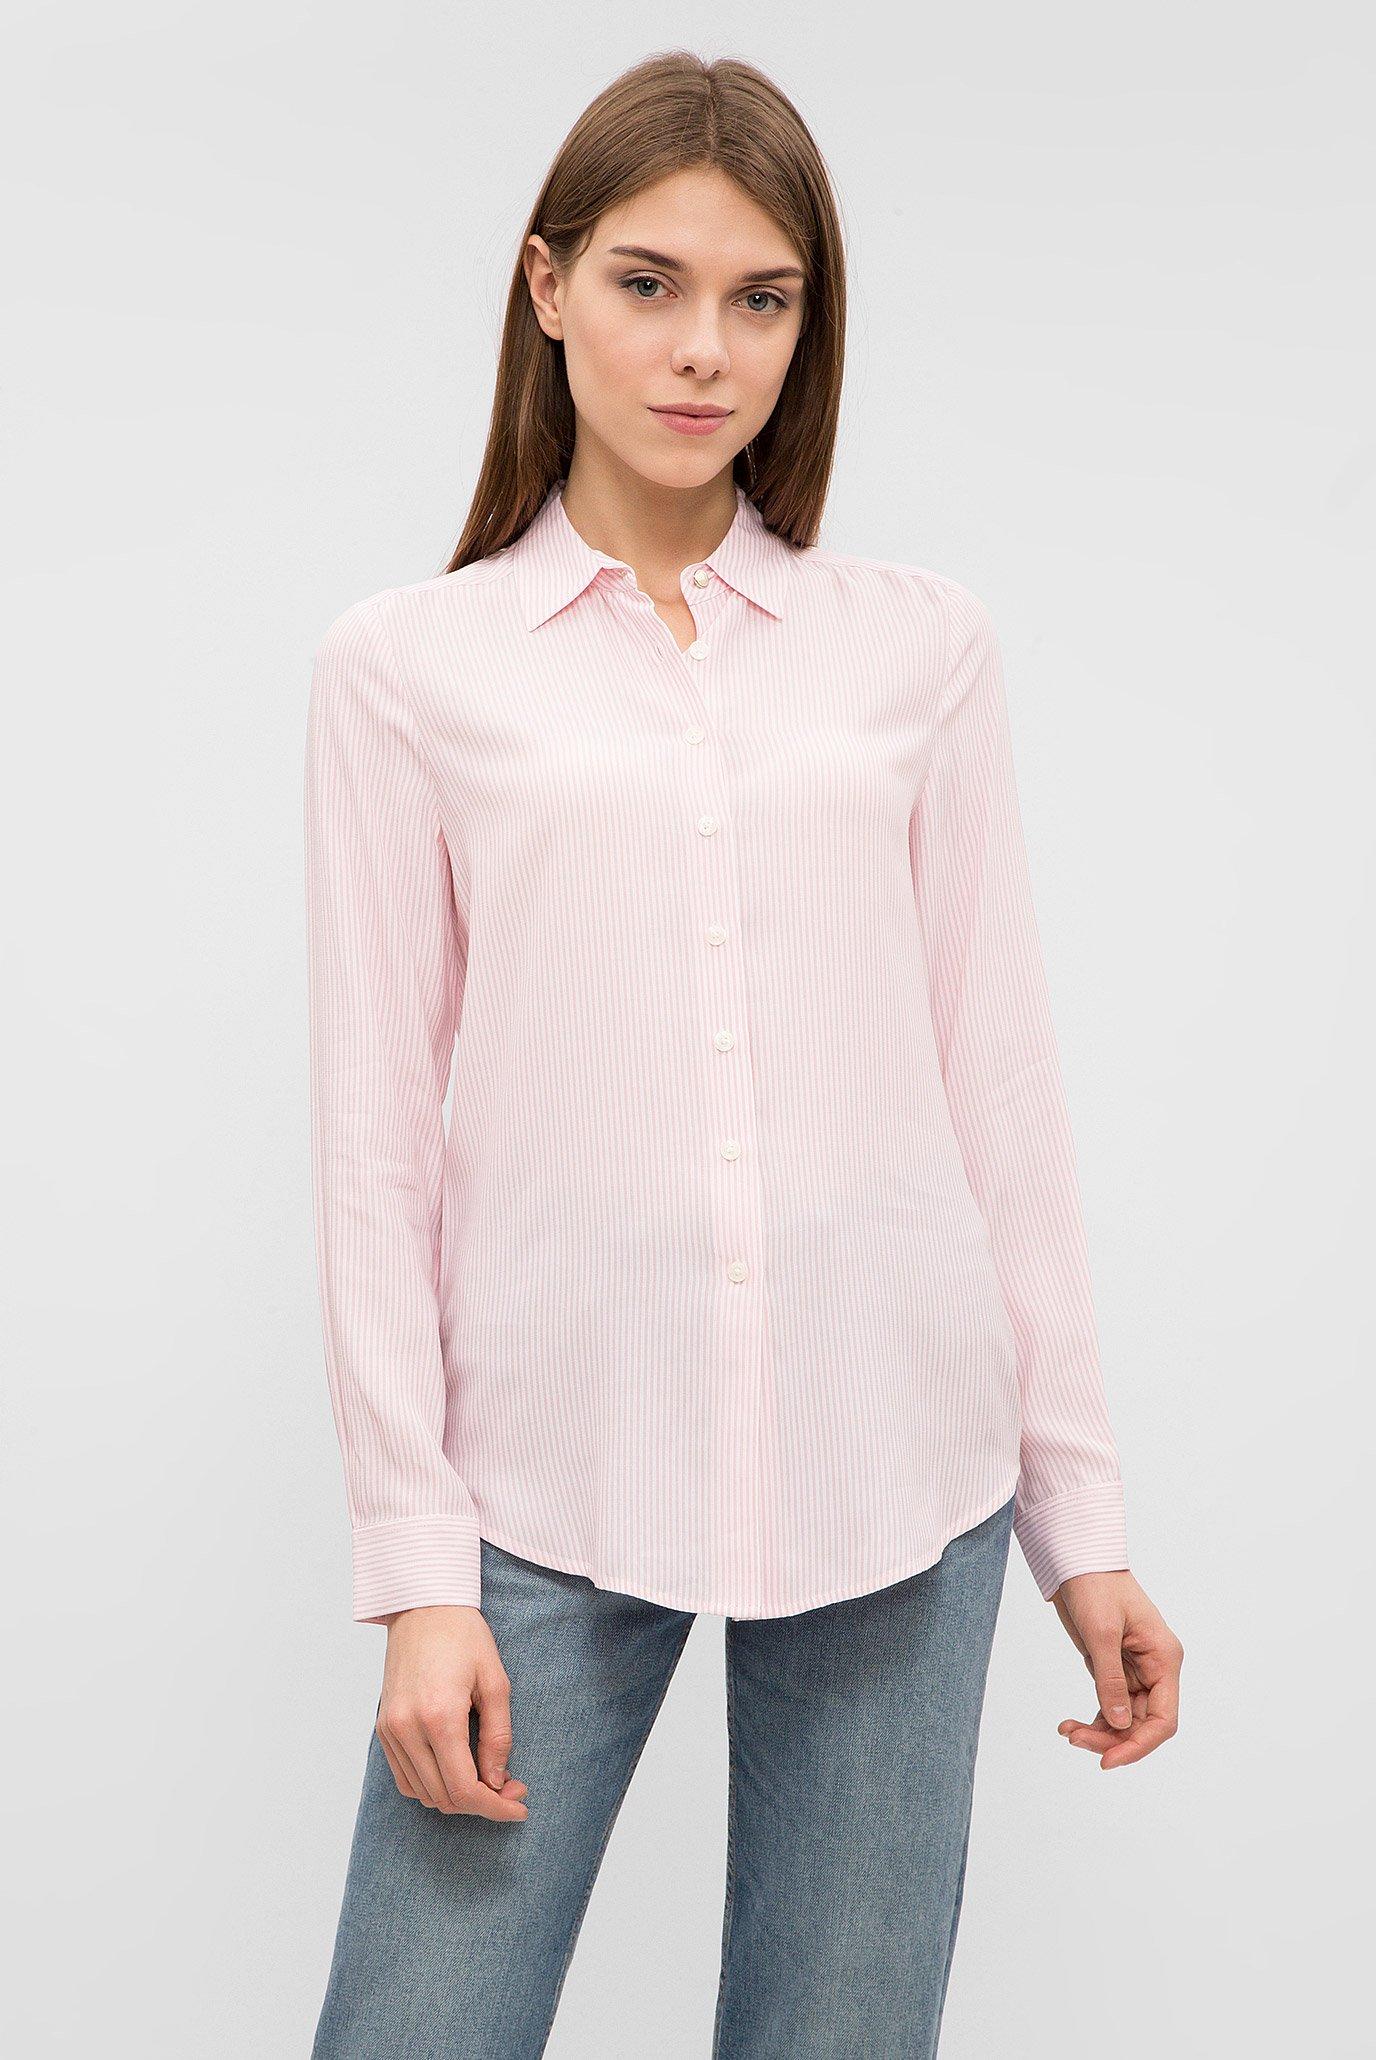 3016c405616c06c Купить Женская розовая рубашка в полоску Tommy Hilfiger Tommy Hilfiger  WW0WW20547 – Киев, Украина. Цены в интернет ...